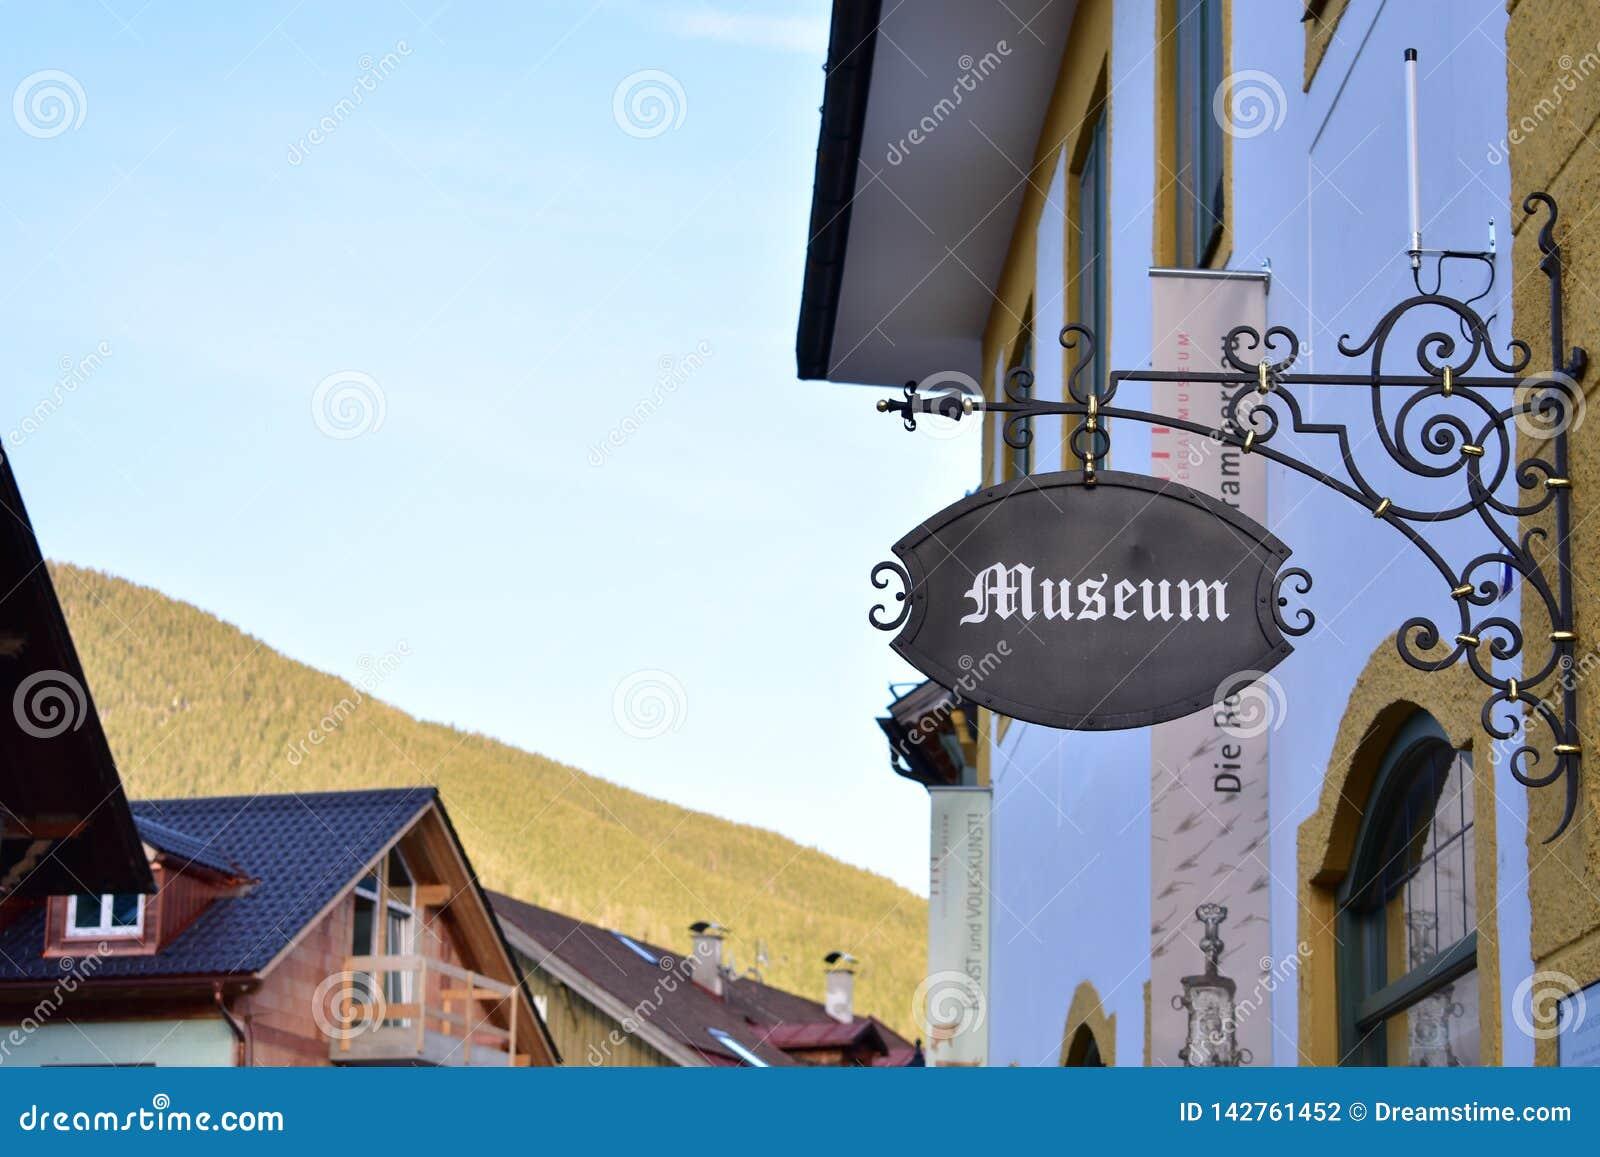 Museum in Oberammergau